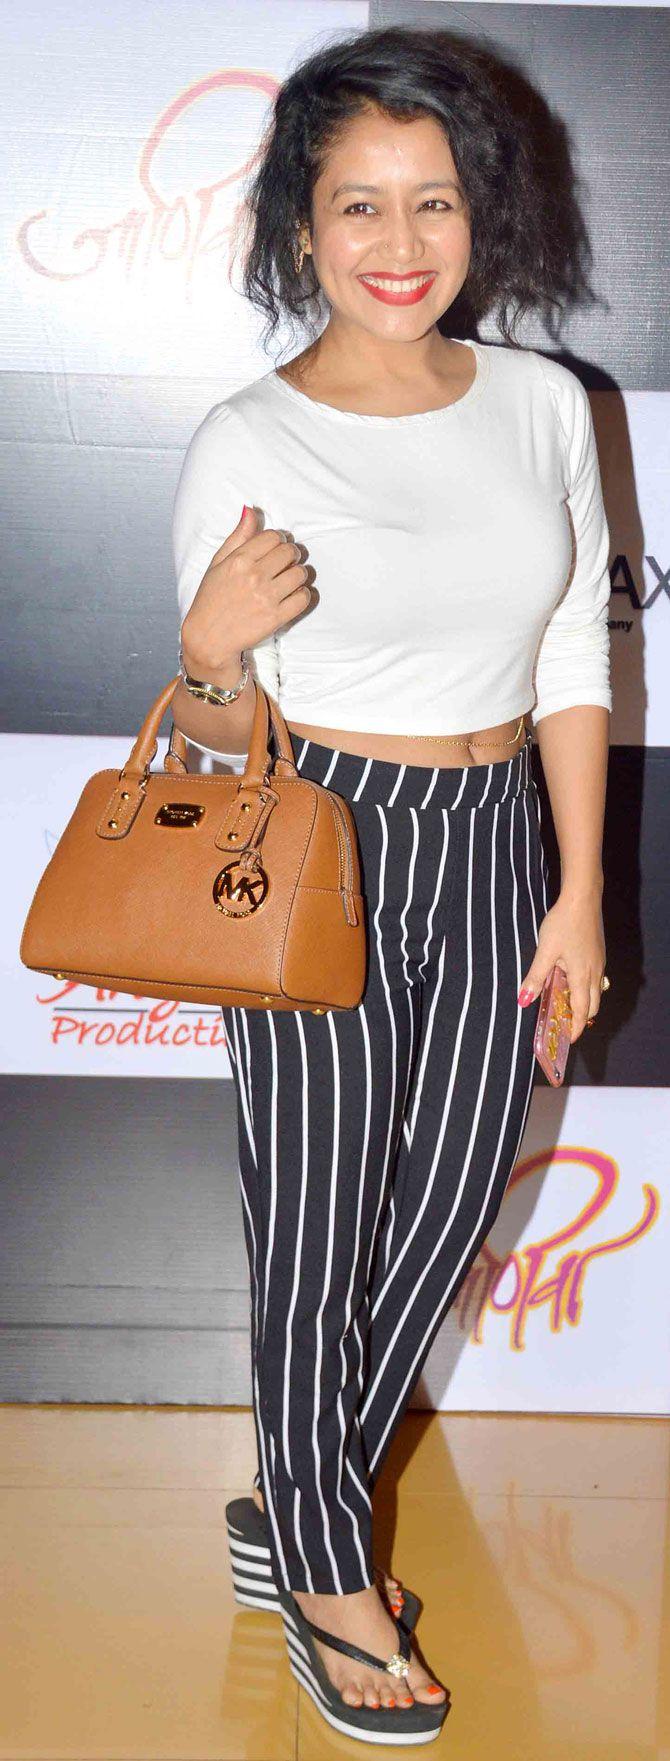 Neha Kakkar at the premiere of the Marathi film 'Janiva